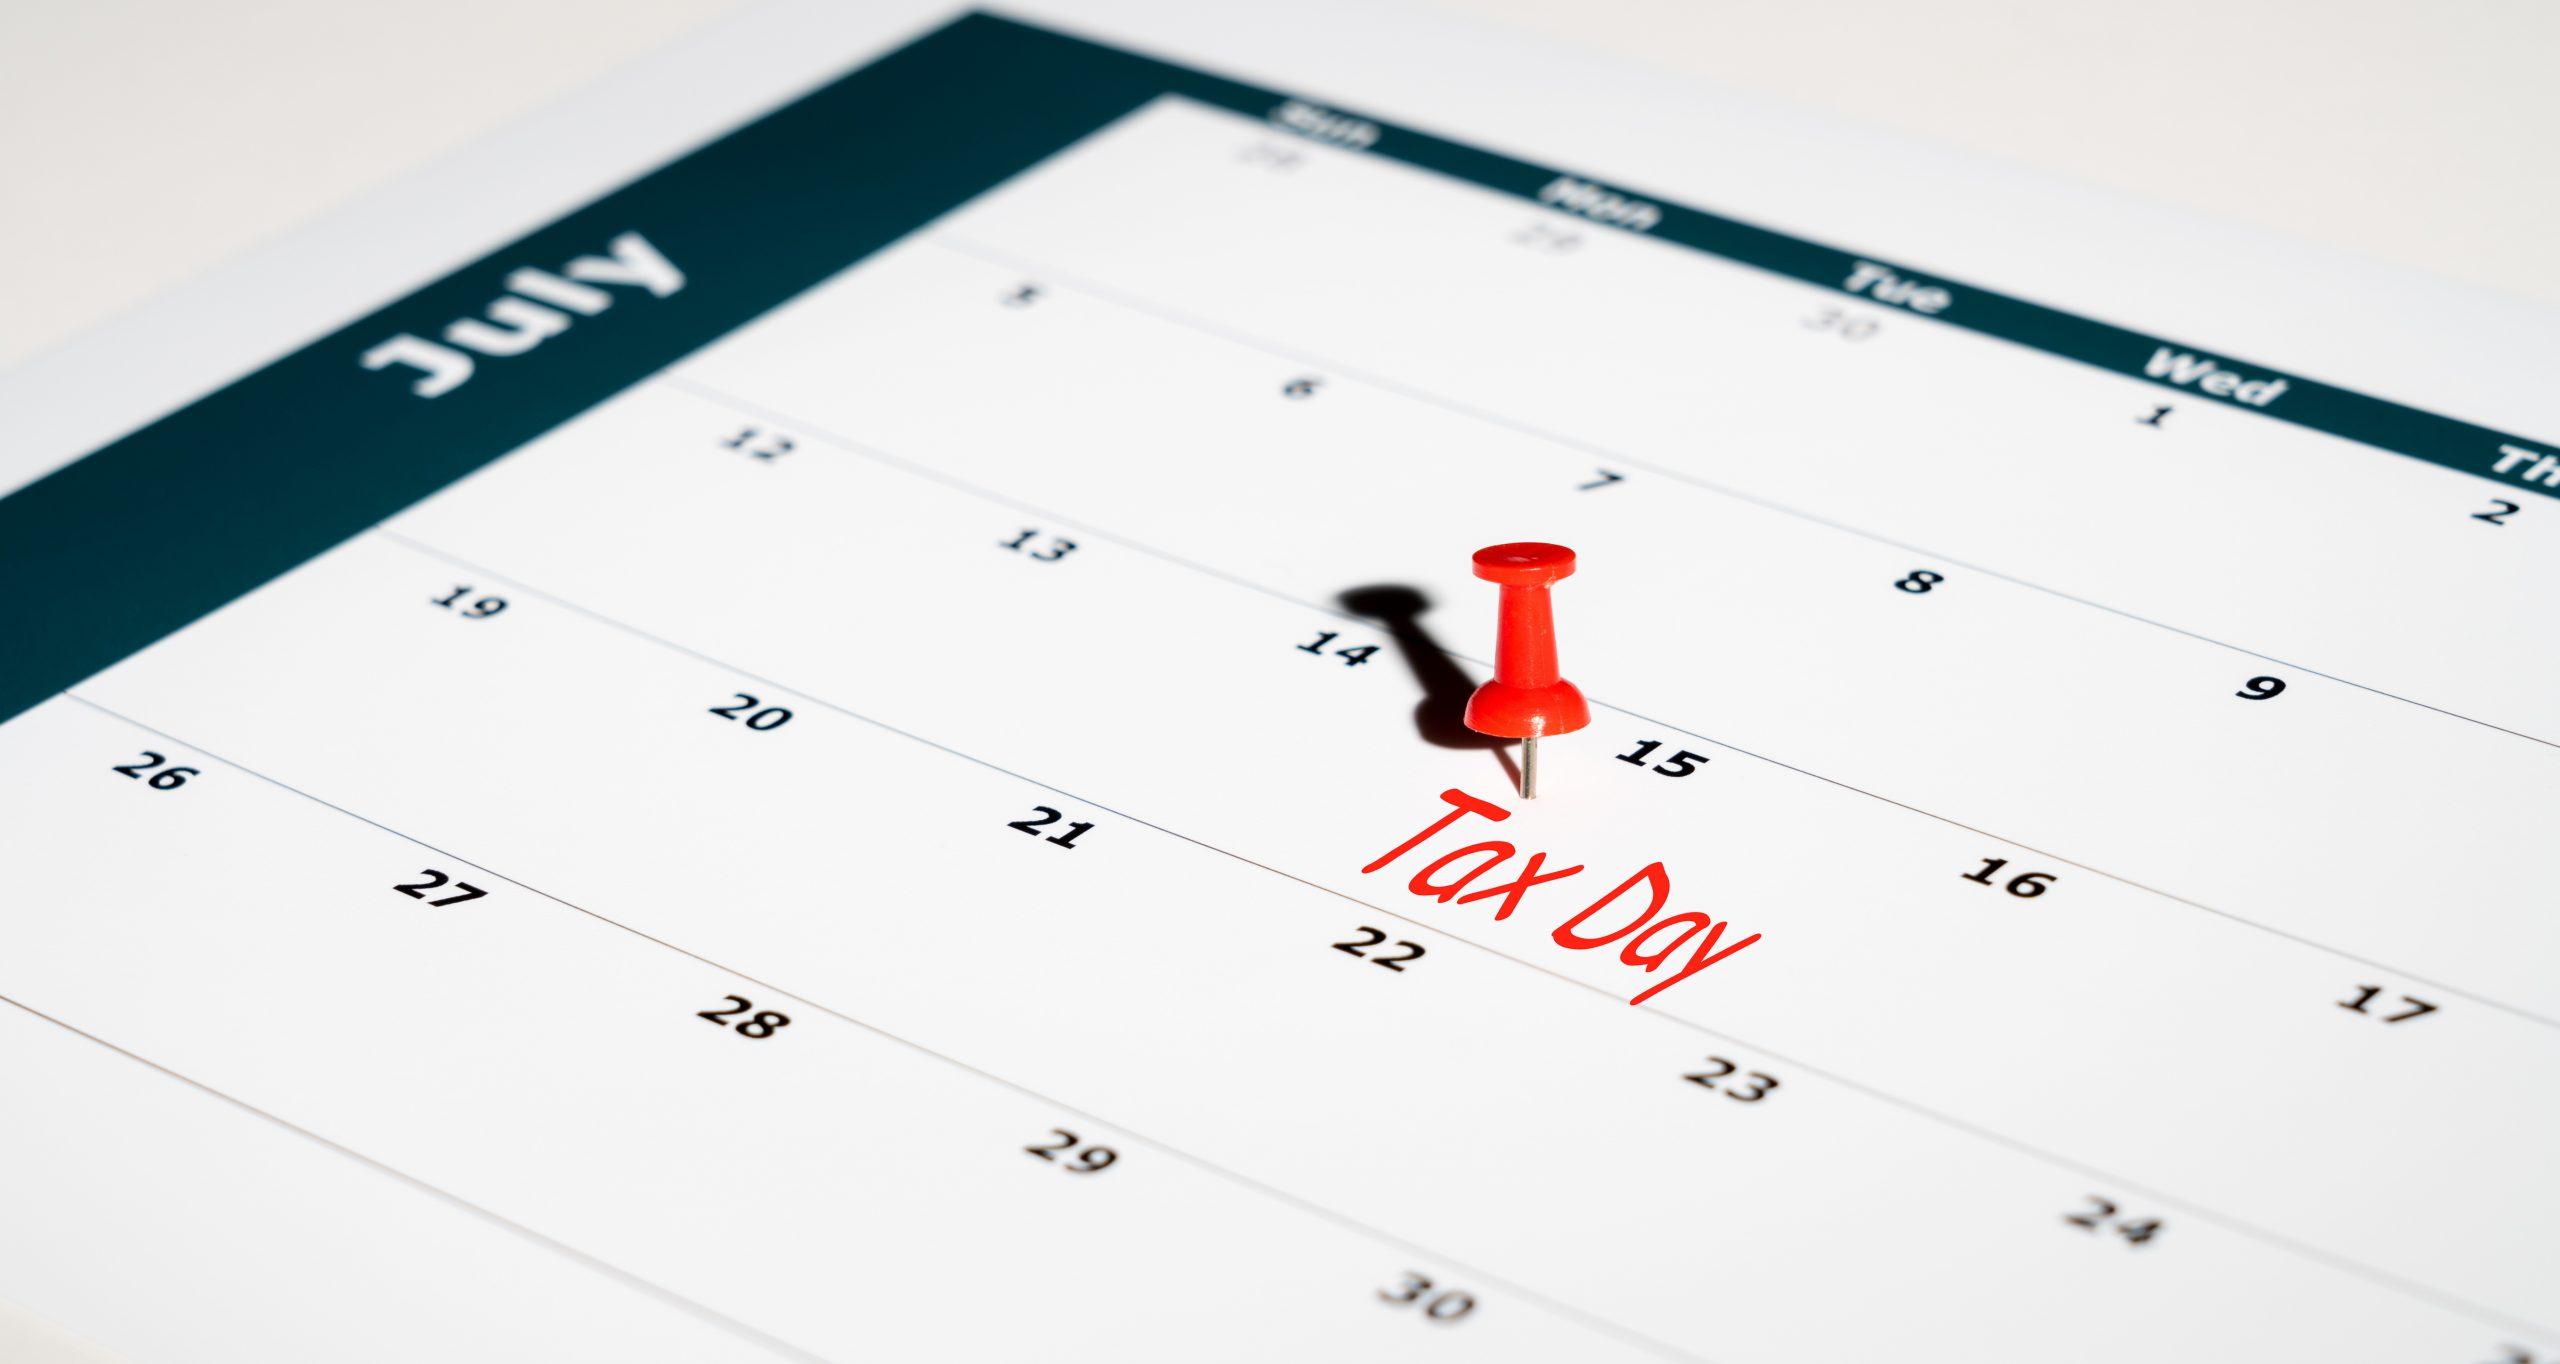 July 15th, 2020 Tax Filing Deadline